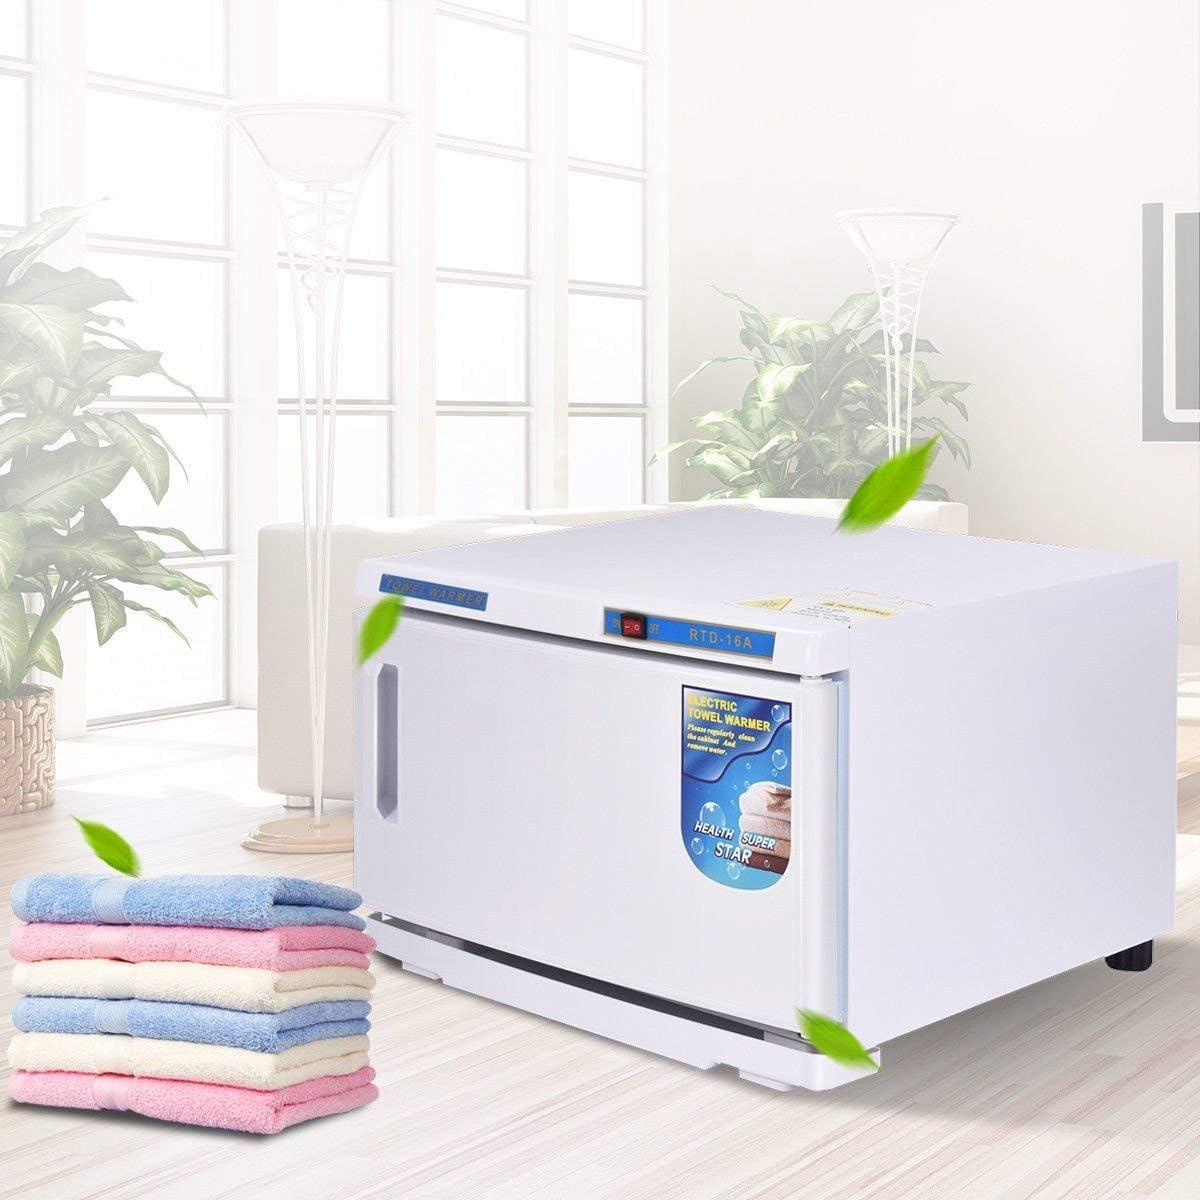 DCHOUSE 16L UV Facial caliente Toalla Esterilizador de esterilizador para calentador Herramienta para salón de belleza Spa